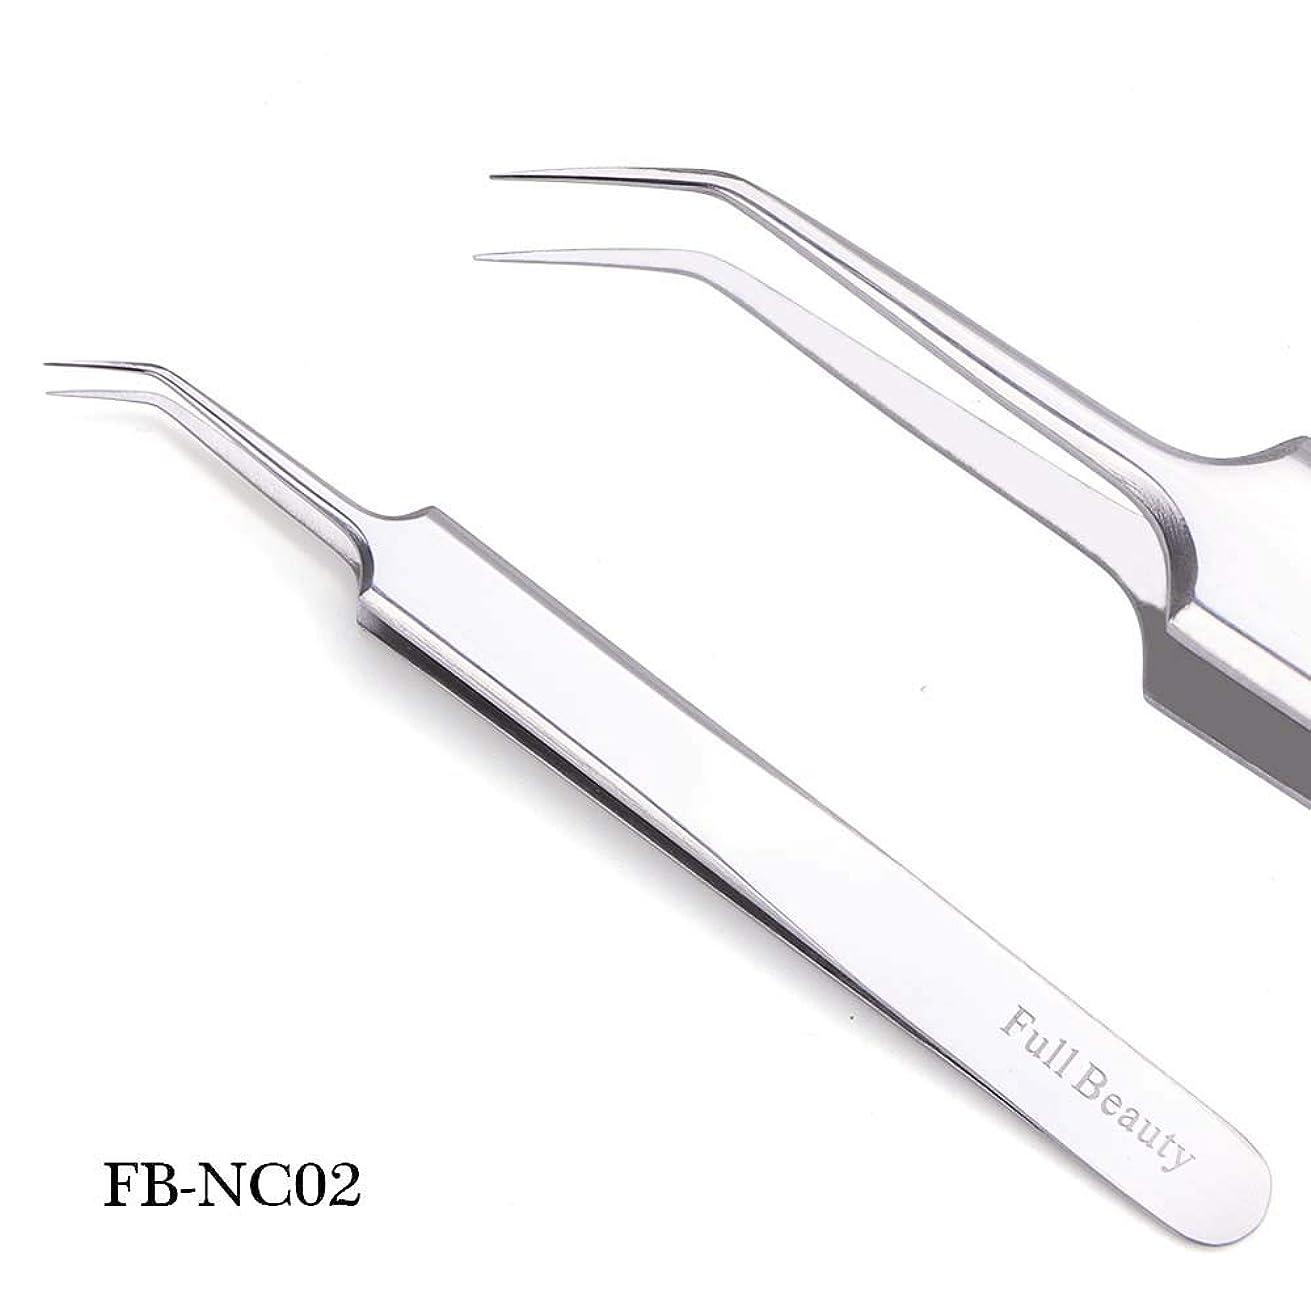 1ピーススライバーミラー眉毛ピンセット湾曲ストレートまつげエクステンションネイルニッパーにきびクリーニング化粧道具マニキュアSAFBNC01-04 FB-NC02